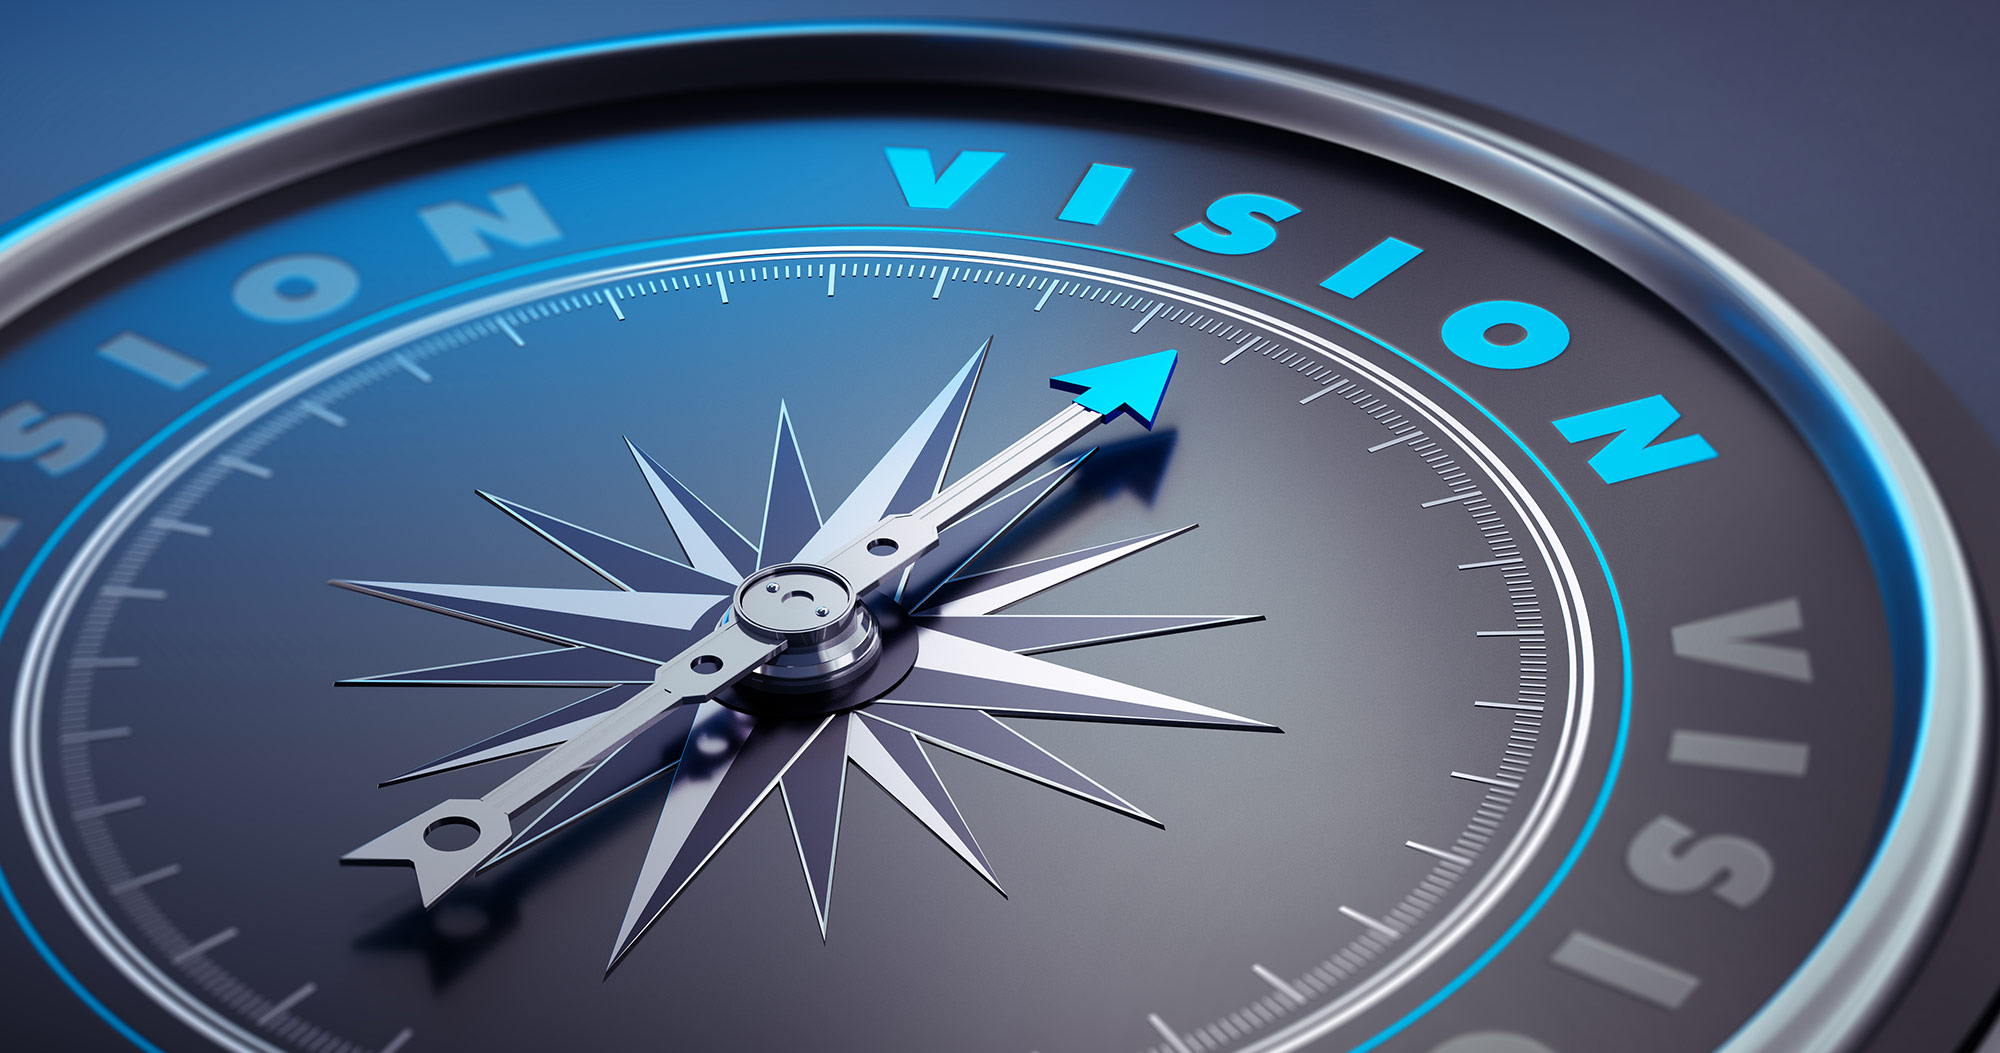 経営理念・企業理念を浸透させる重要性